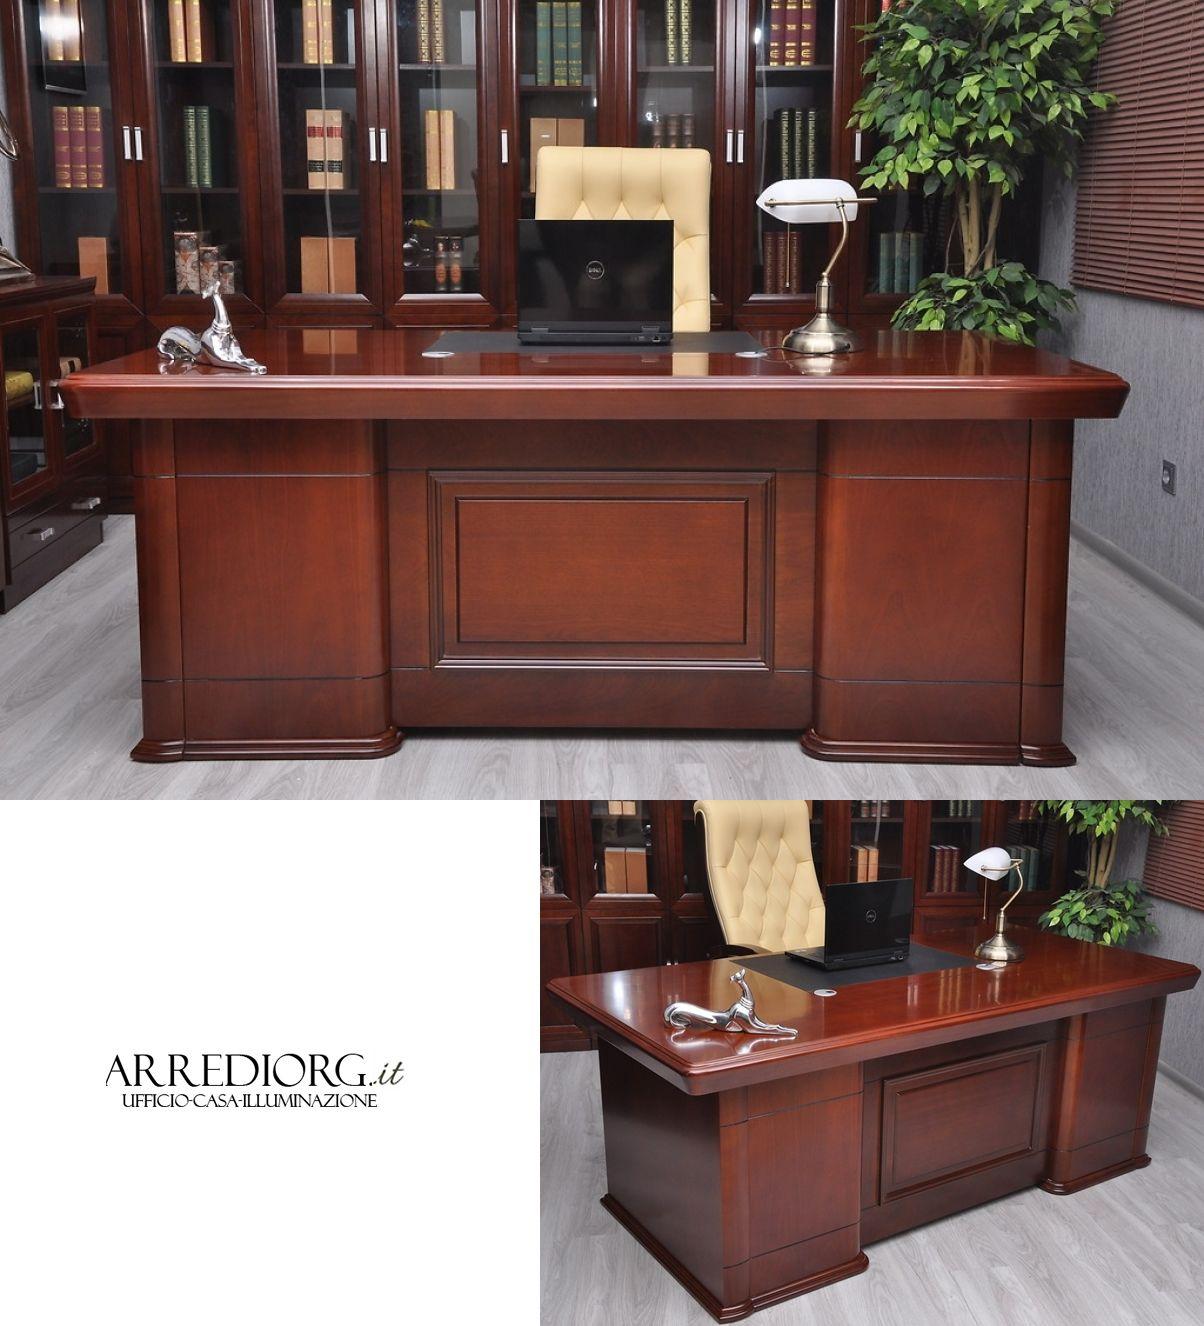 Scrivanie pregiate, sedie, preziose librerie per un ufficio classico dallo stile inconfondibile. Pin Su Mobili Per Ufficio Classico